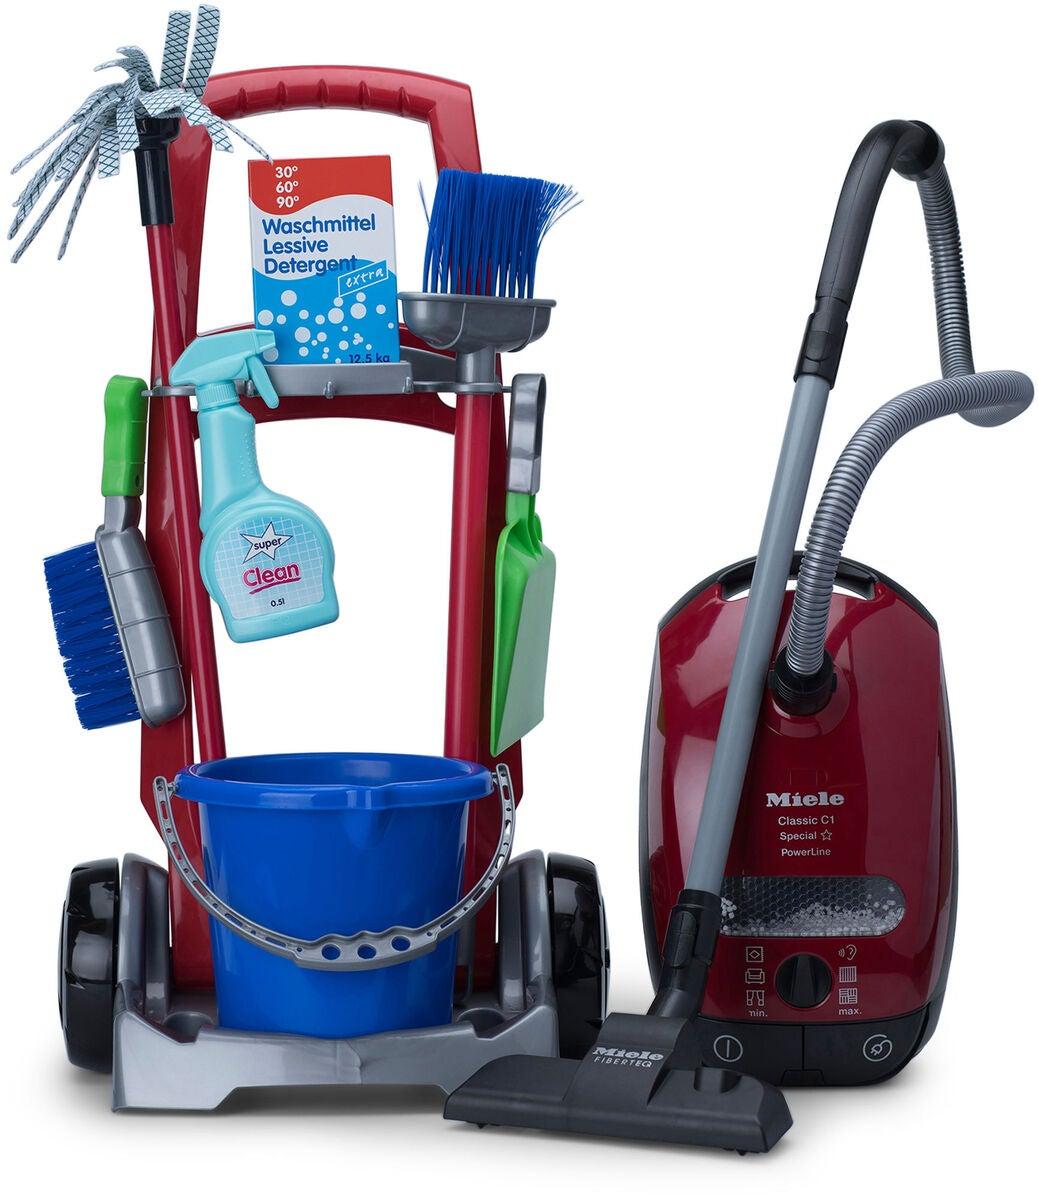 Oppvaskemaskiner & Rengjøringsutstyr   Til rollelek   Jollyroom